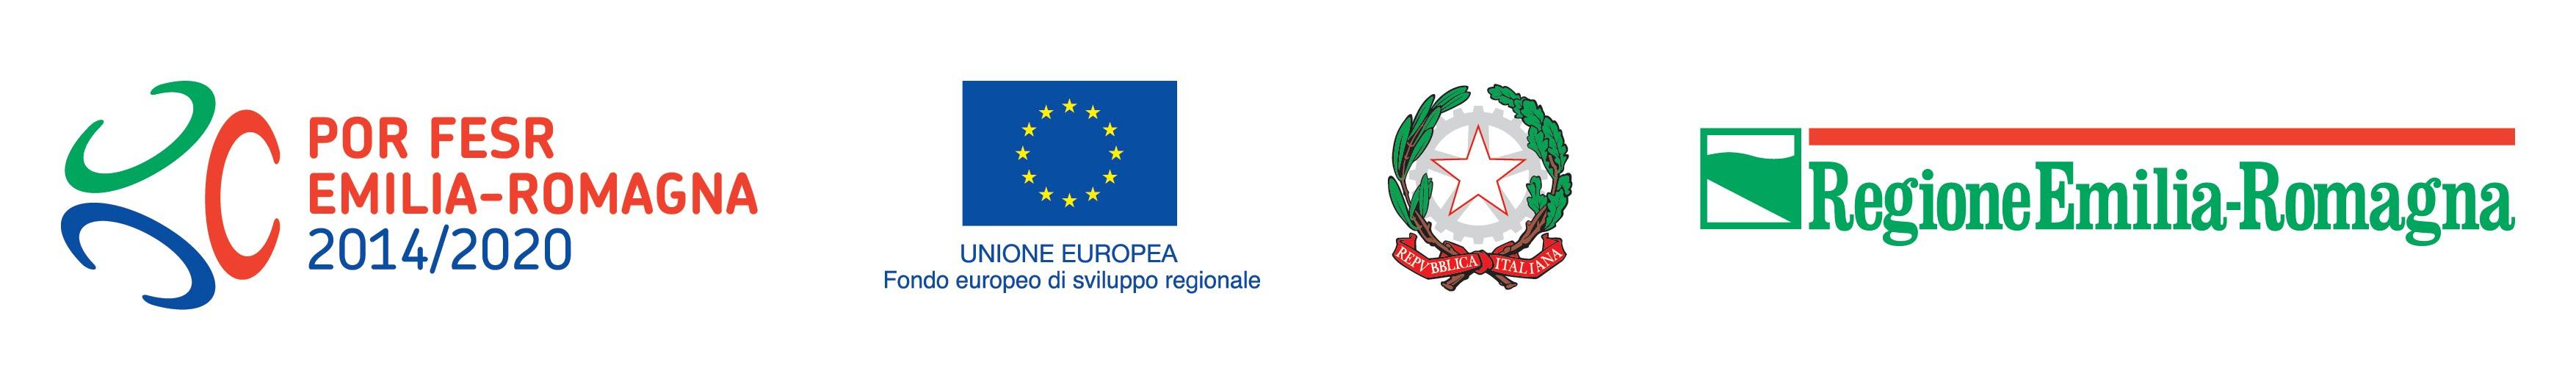 http://www.regione.emilia-romagna.it/fesr/por-fesr